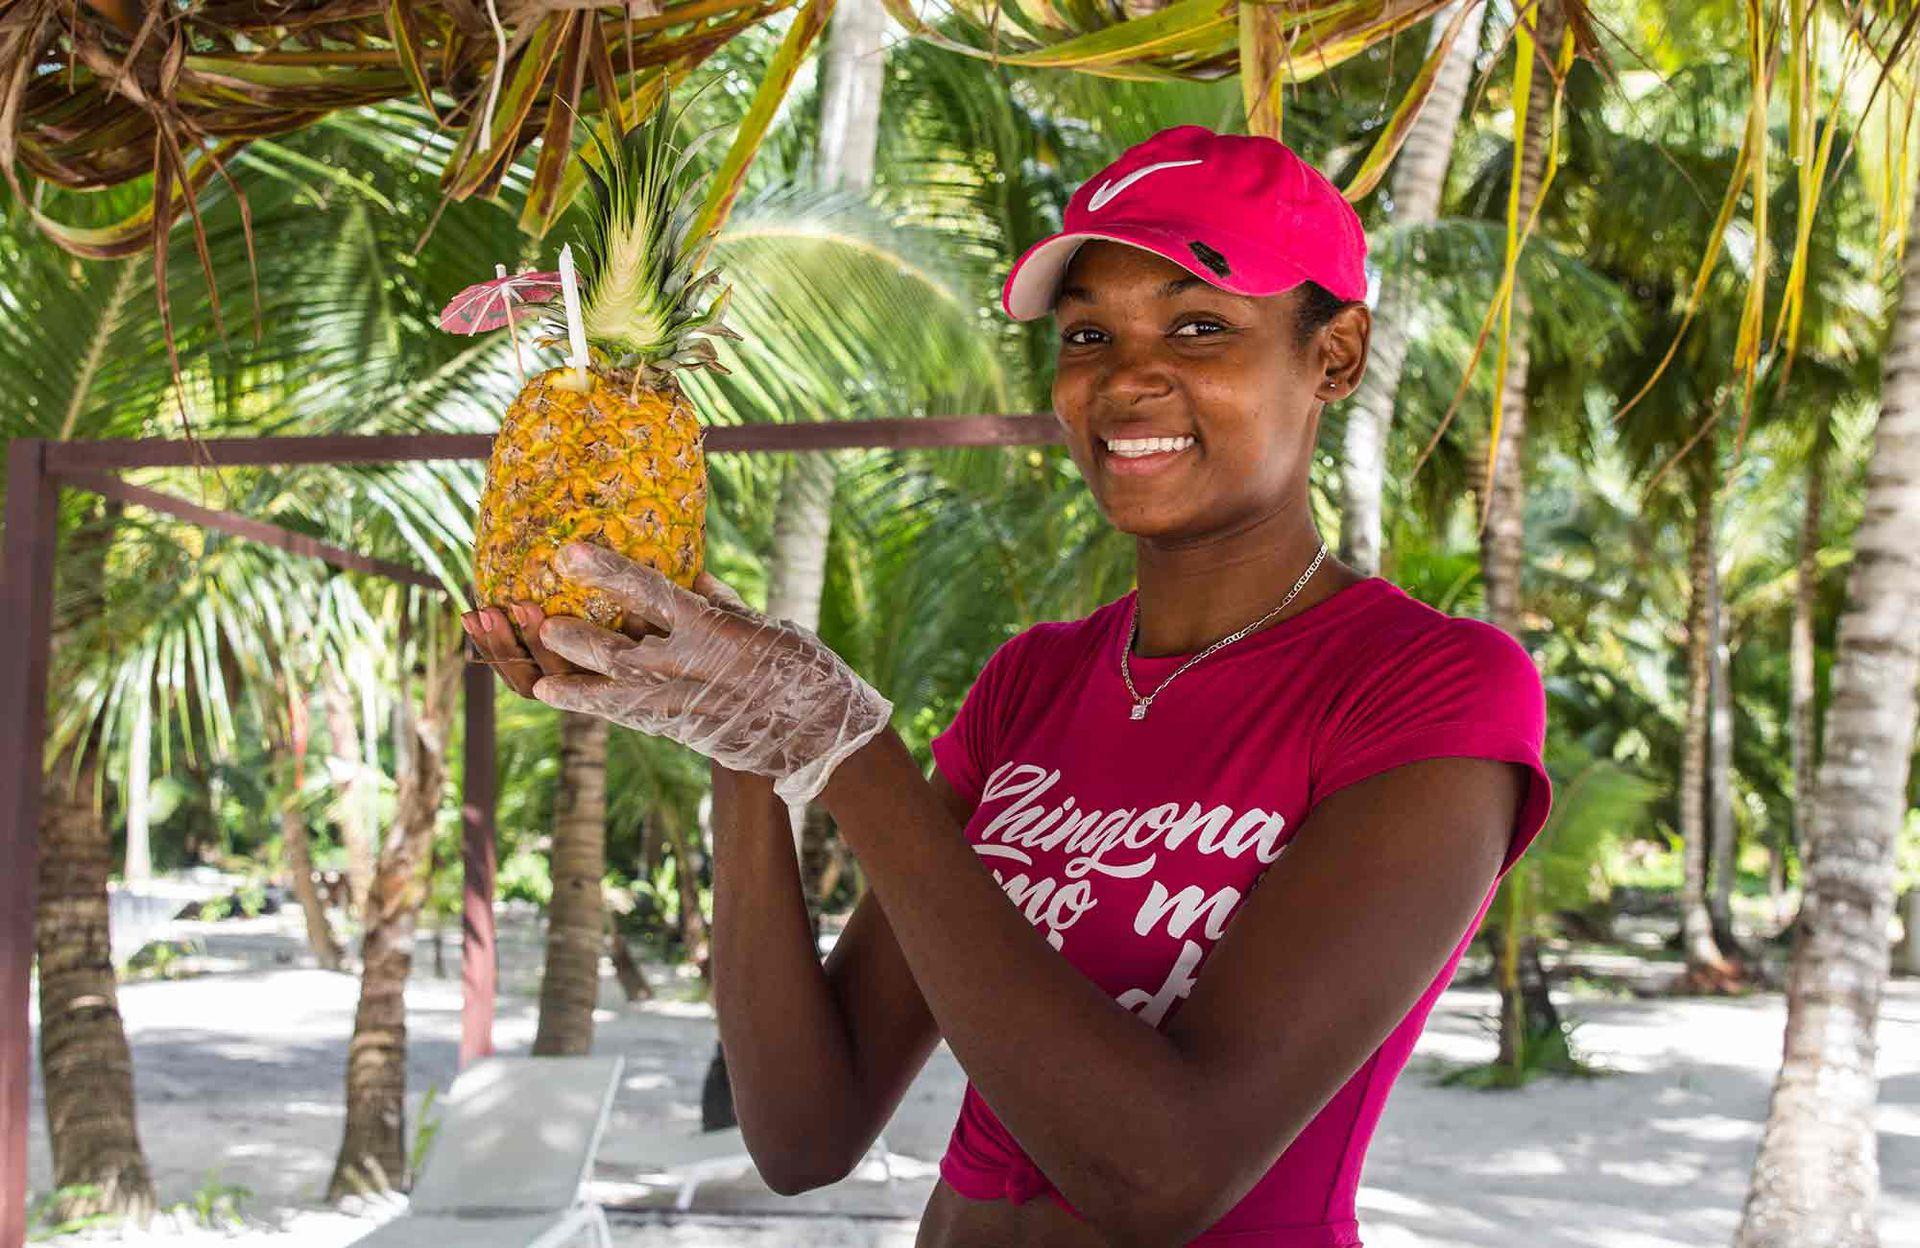 Piña colada en la playa y adentro de la fruta, con o sin ron, y siempre con una sonrisa.